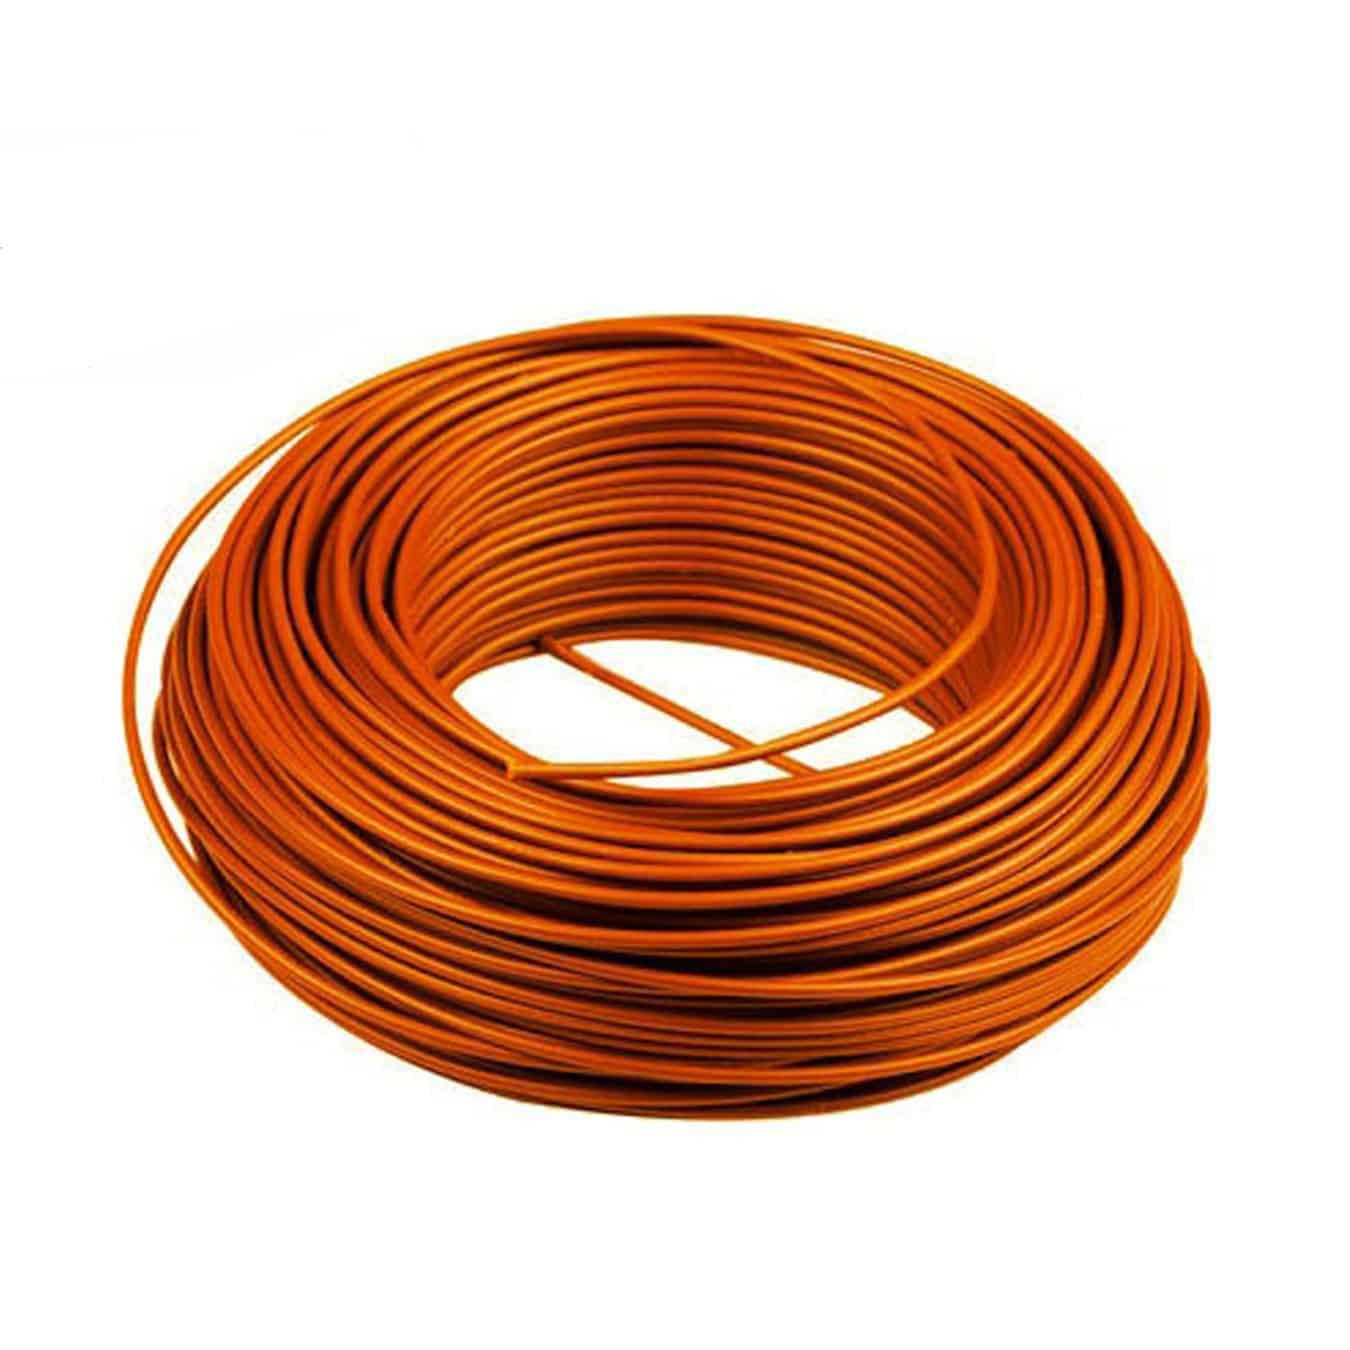 Koop Donne Installatiedraad 1.5mm oranje